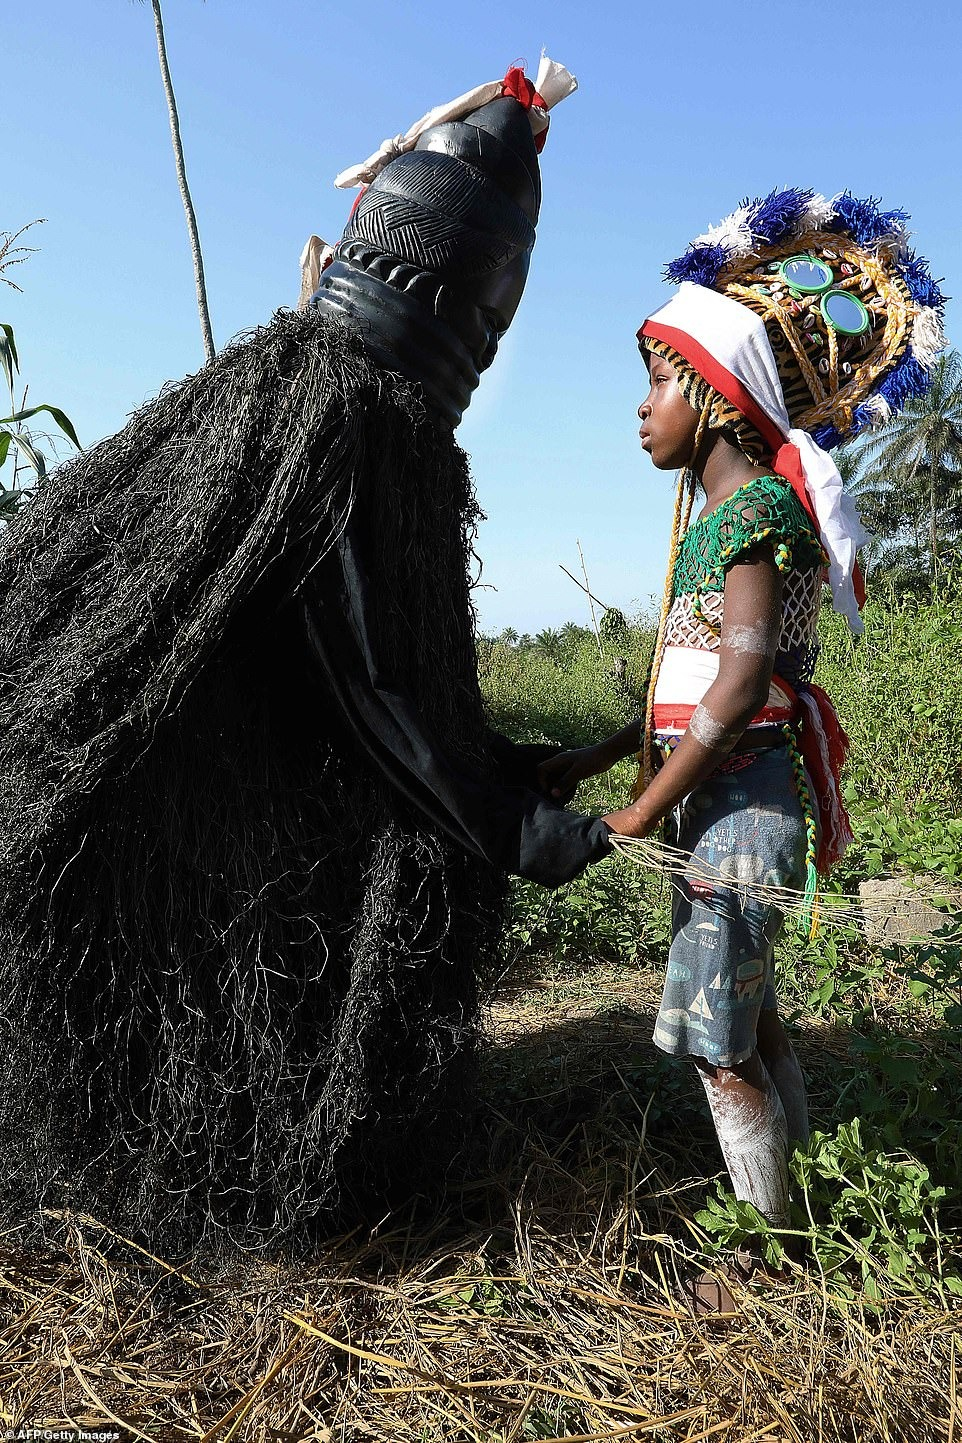 Кровавое воспитание: жизнь внутри тайных общин Сьерра-Леоне полна извращений и боли